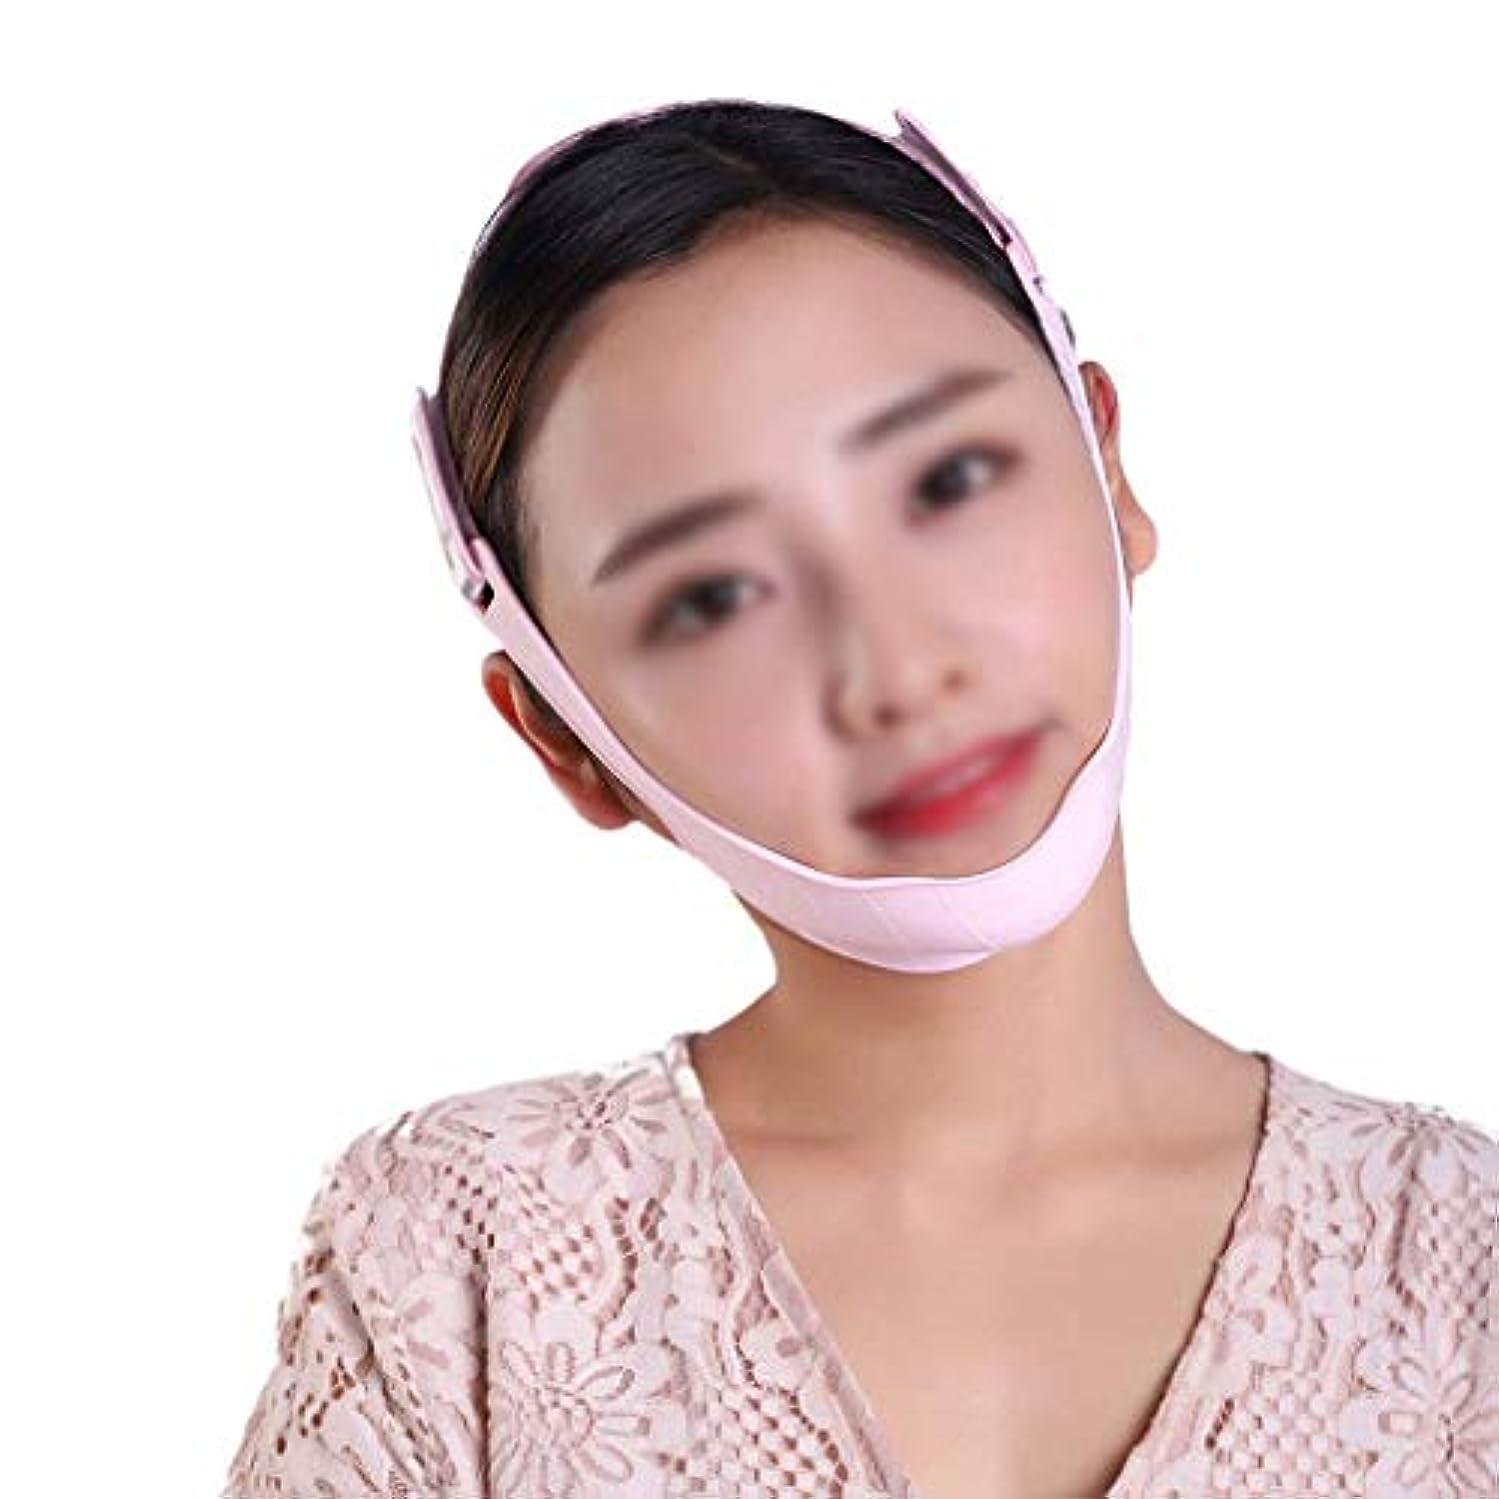 防腐剤楕円形韓国包帯マスク、フェイスマスク、包帯リフト、チンリフトベルト、ダブルチンビューティ包帯、フェイスマッサージ(ピンク、サイズコード)